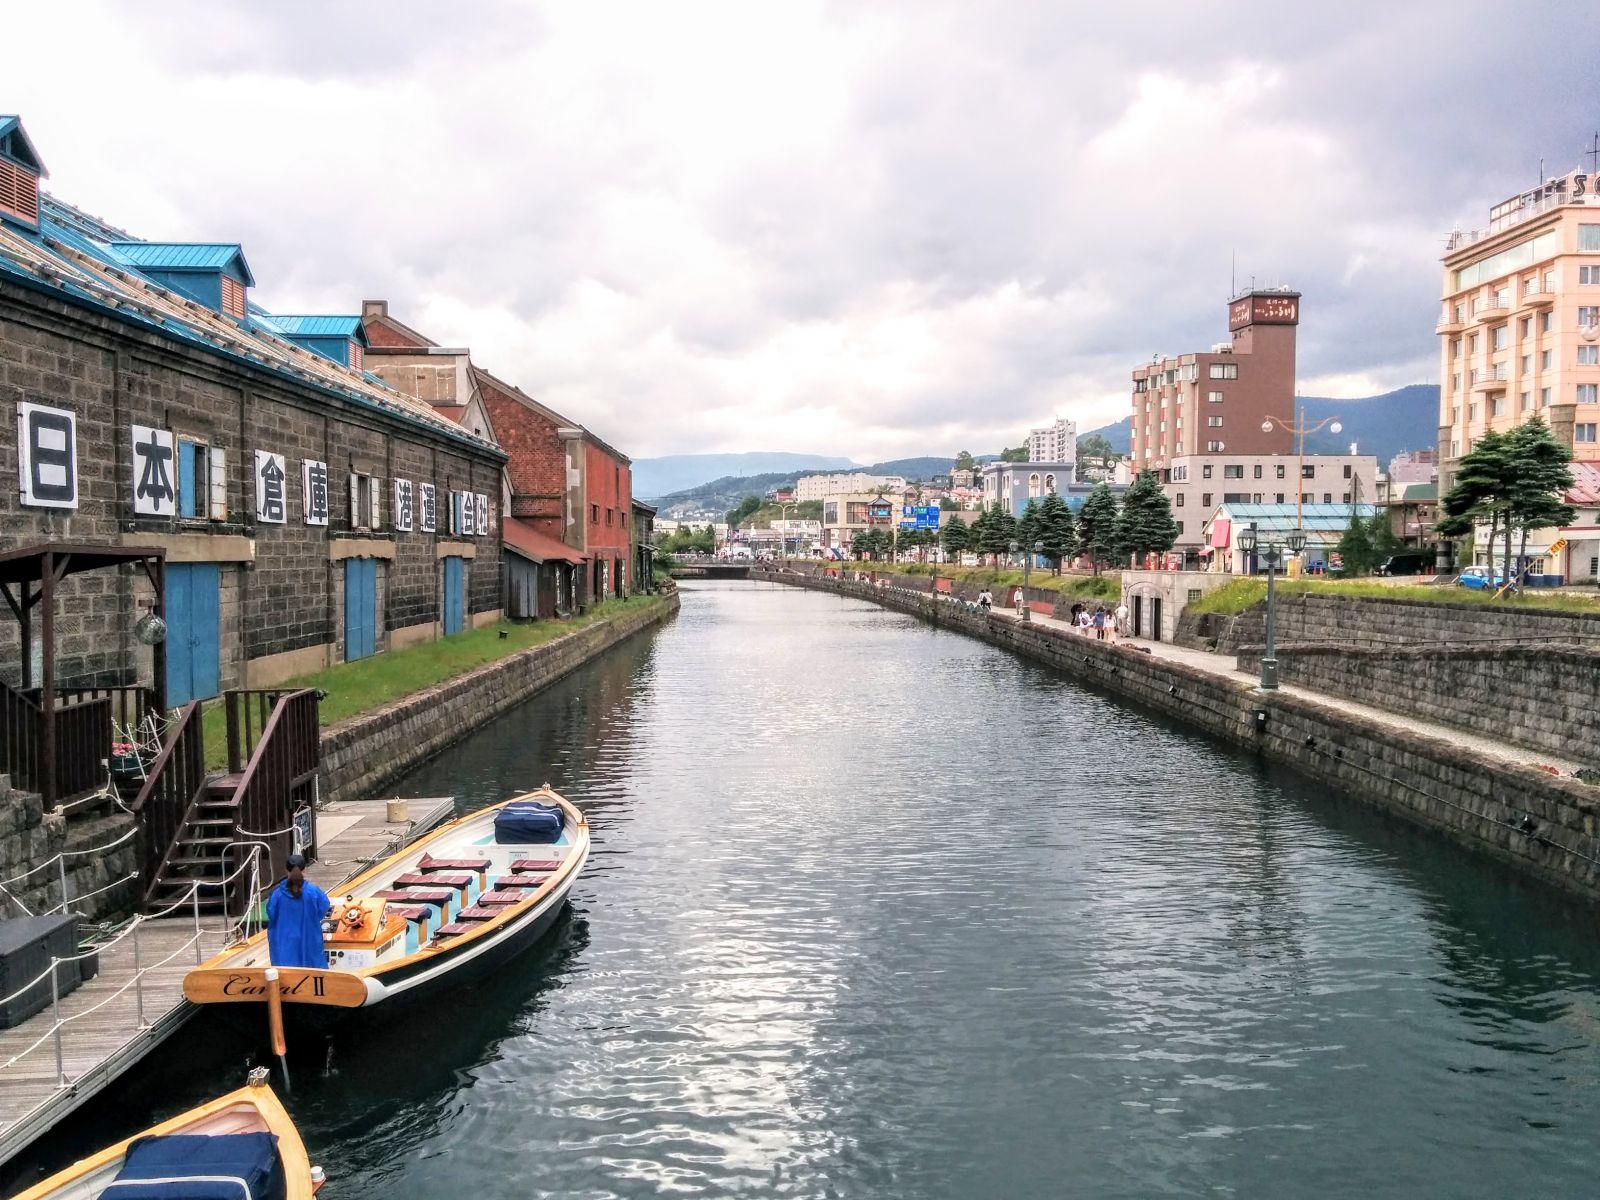 ゆったり小樽4時間観光コース小樽Aコース観光案内です。